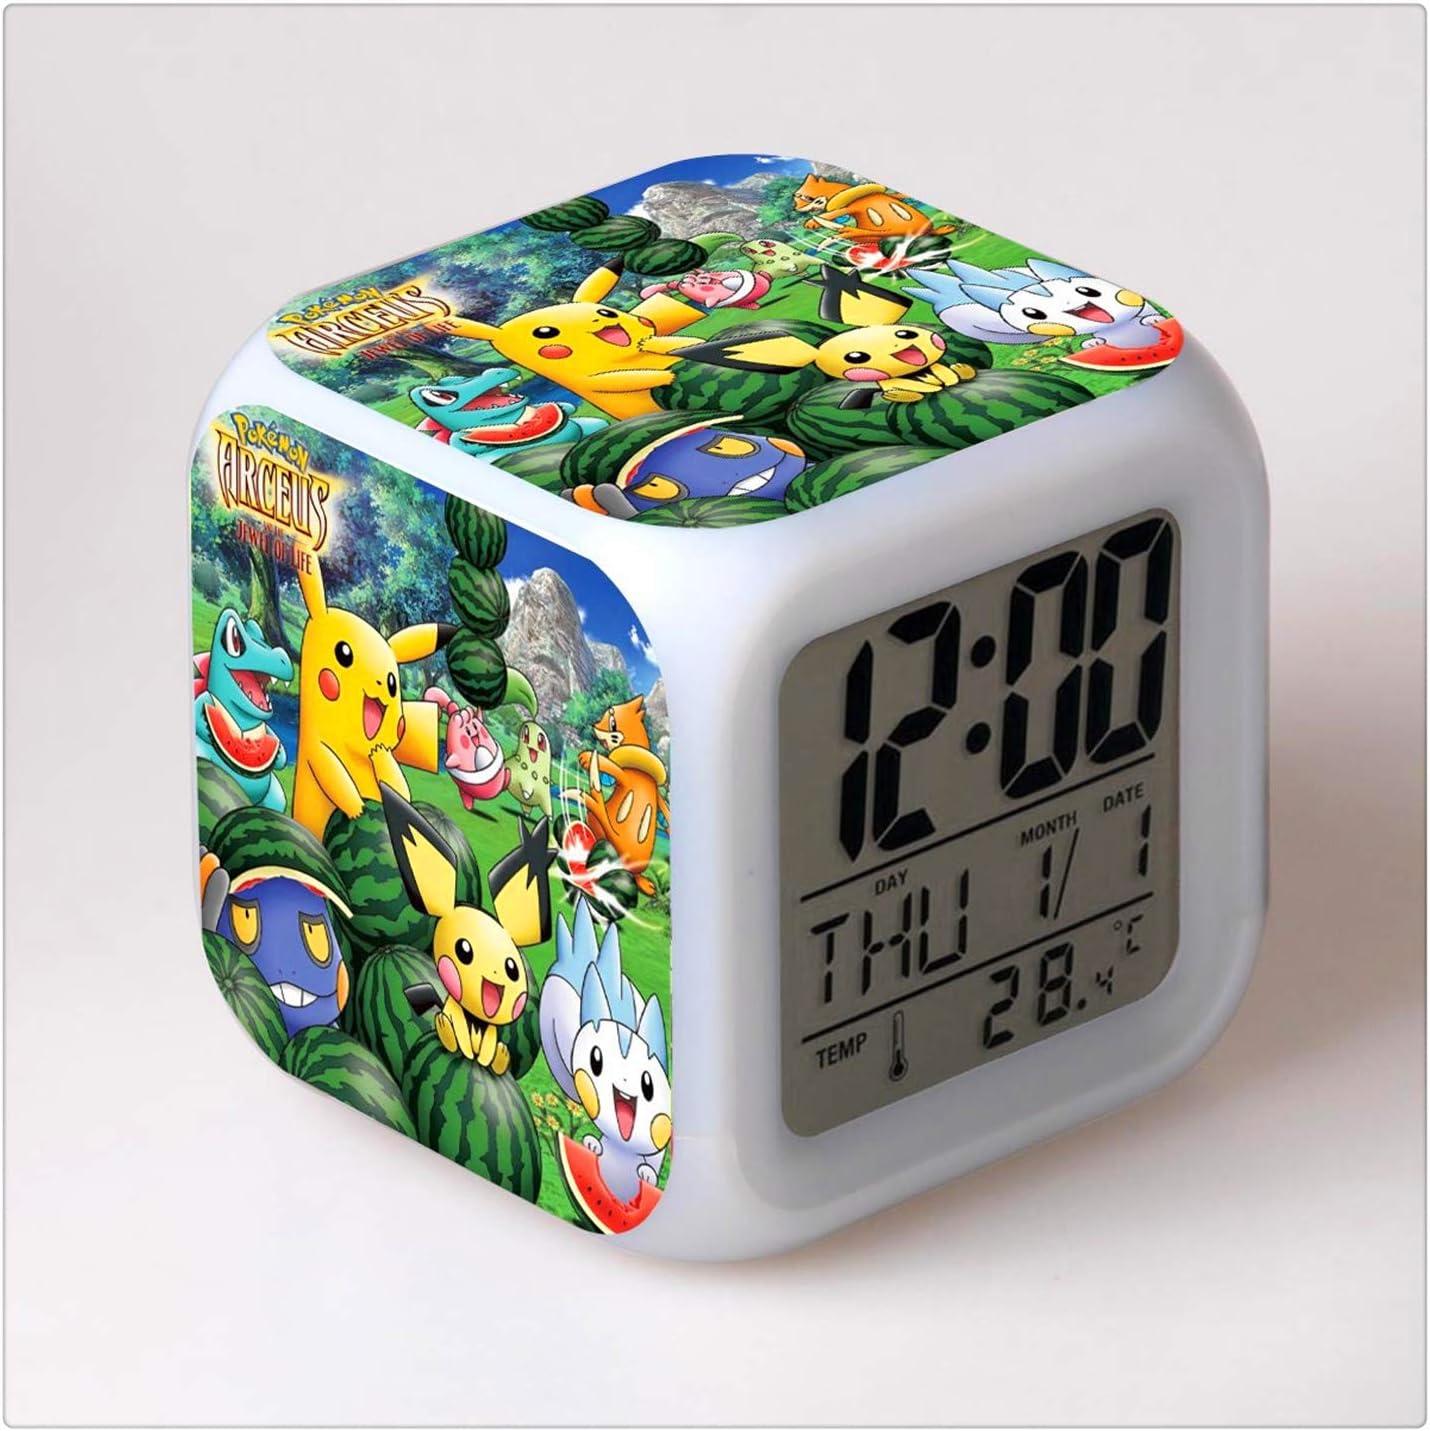 ASAP CHIC Pokémon Cambio de Color Que Brilla intensamente Reloj Despertador Digital Regalo para Familia Niño Amigo Pattern Patrón múltiple